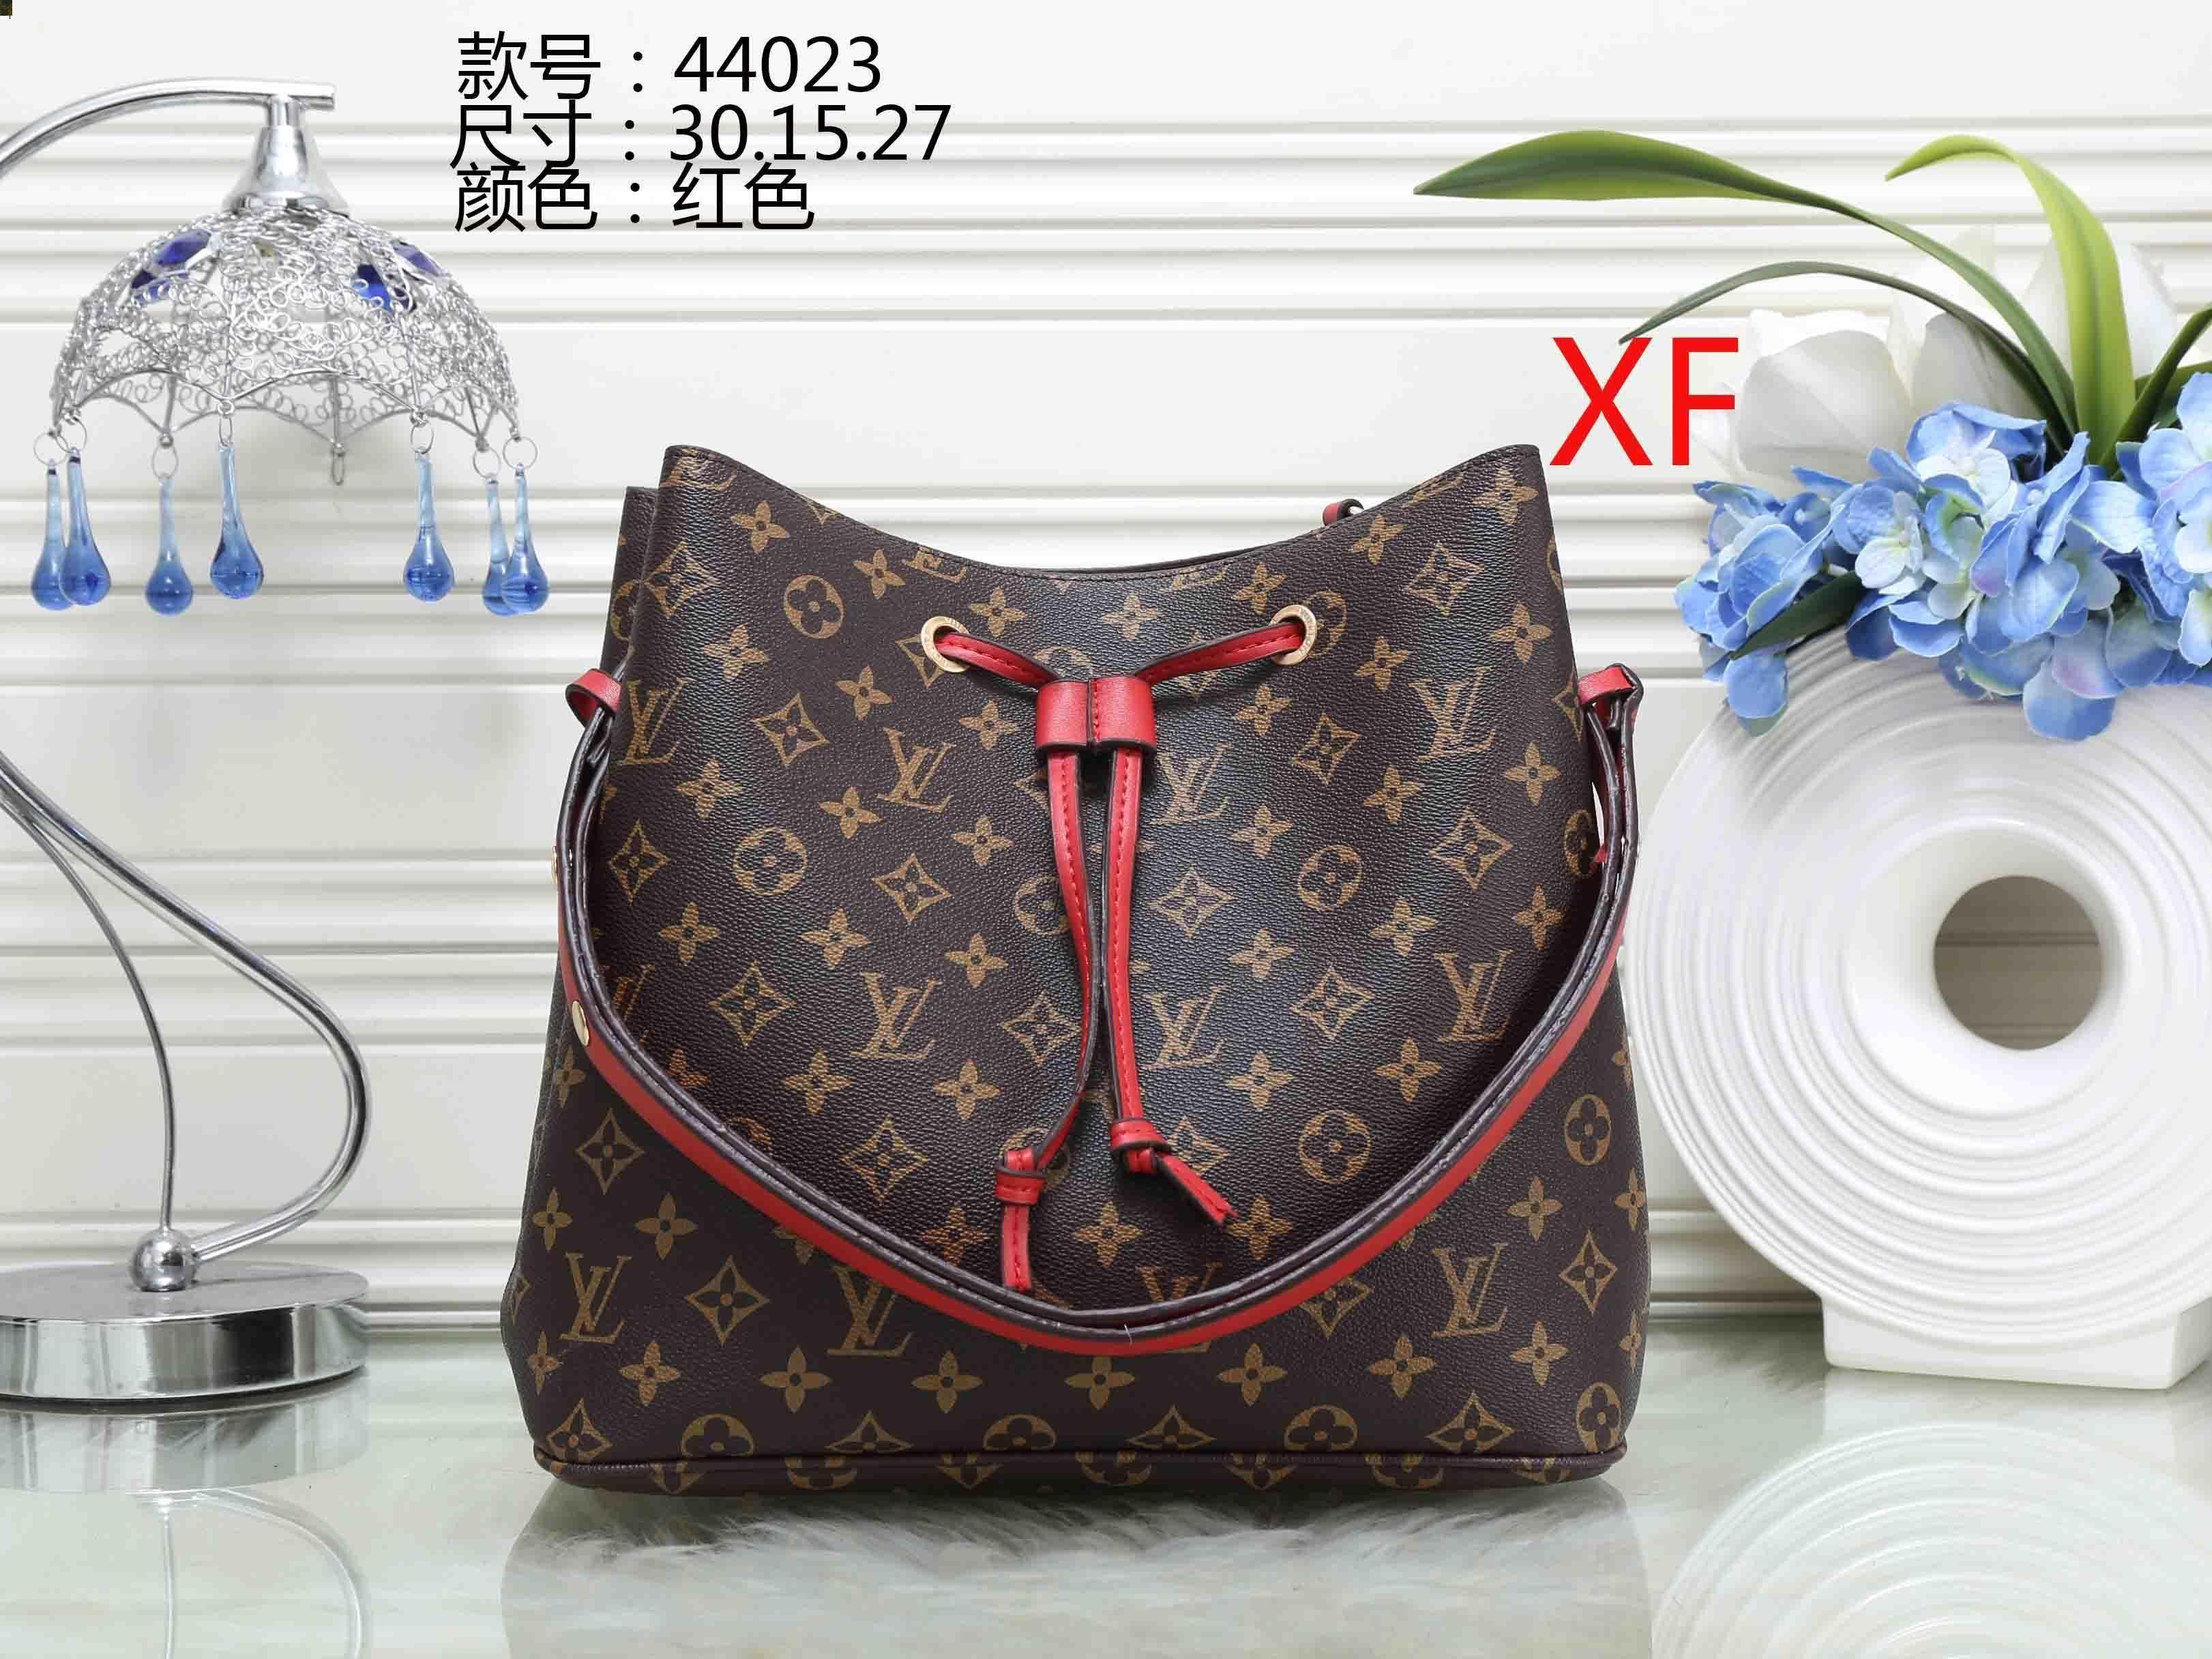 Qualitätsmarke Schultertasche Designer Handtasche luxurys Handtasche Frau Modekette Druck Beutelmappe Telefonbeutel freies Verschiffen BLZW 7UJQ LC5L